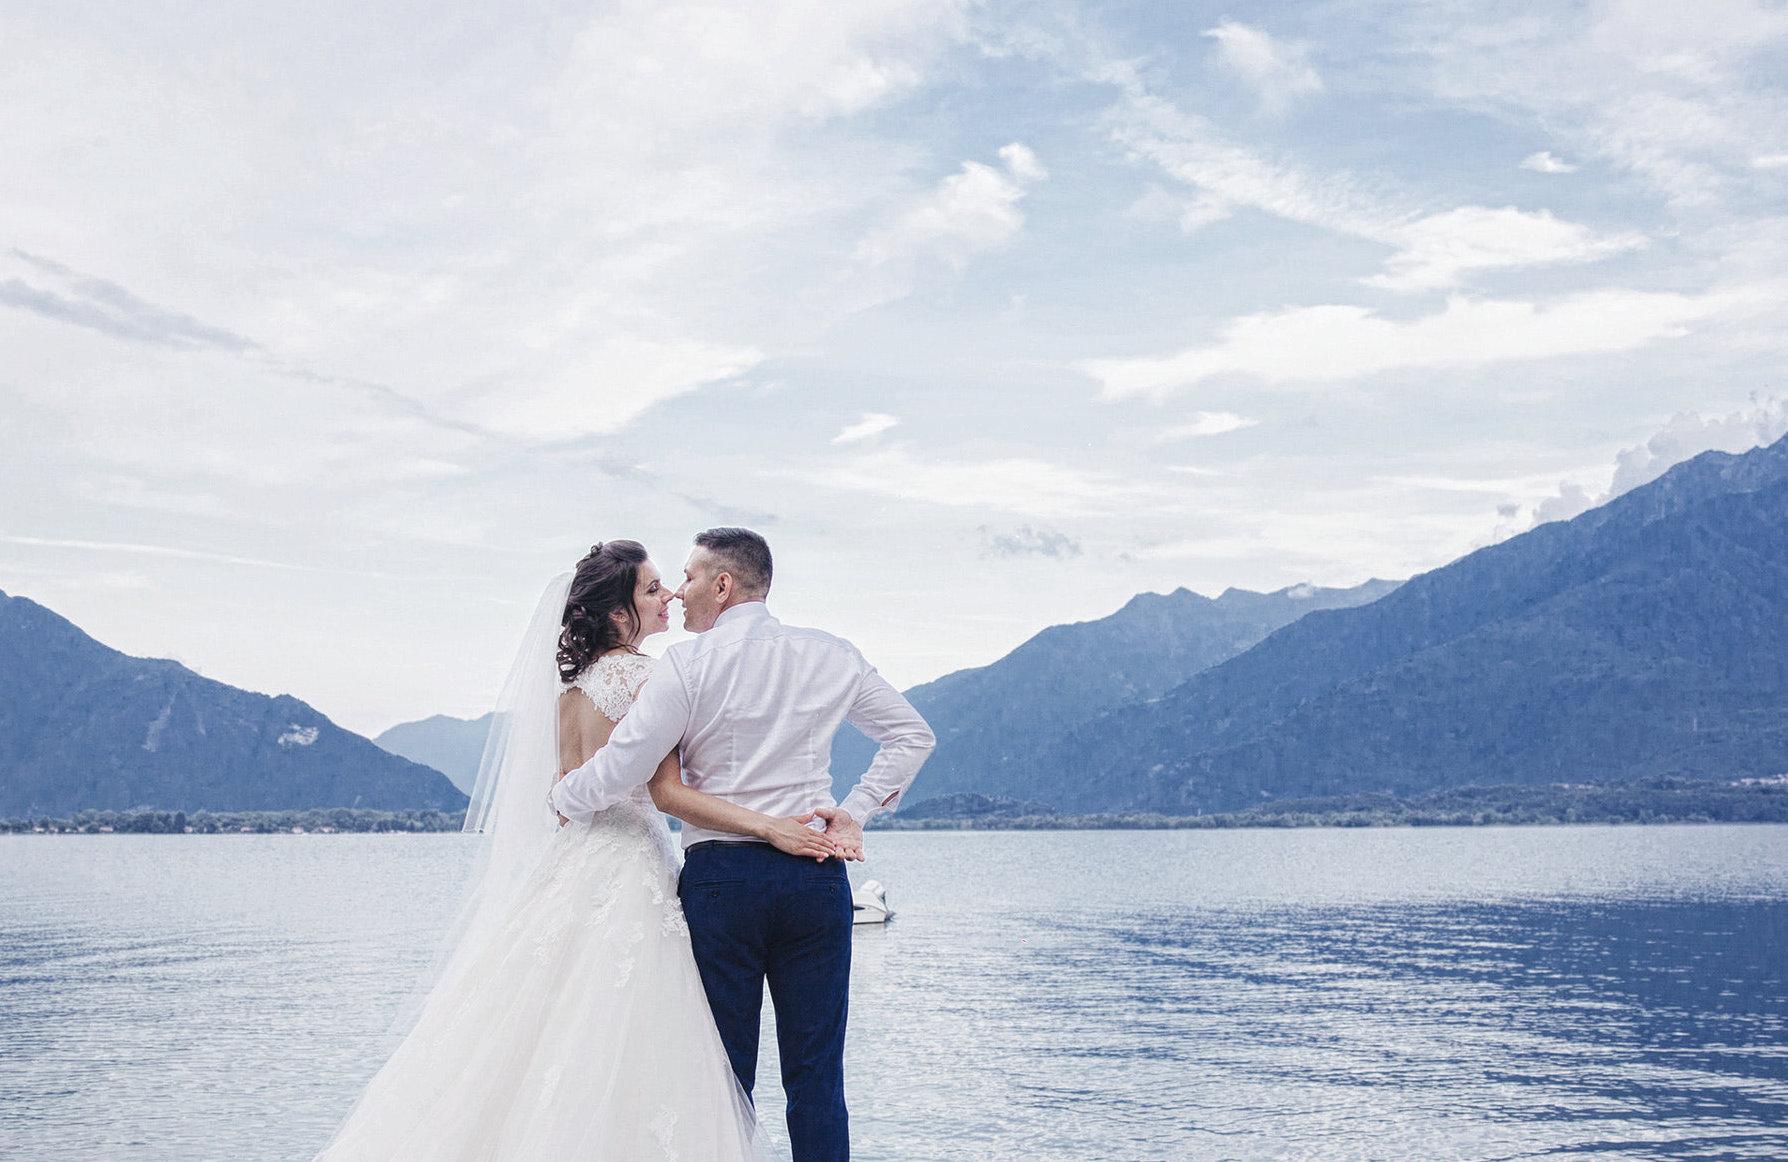 Brautpaar am Bergsee, Heiraten in den Bergen, Standesamtlich Heiraten in den Bergen, Almhochzeit, Hochzeit in den Bergen